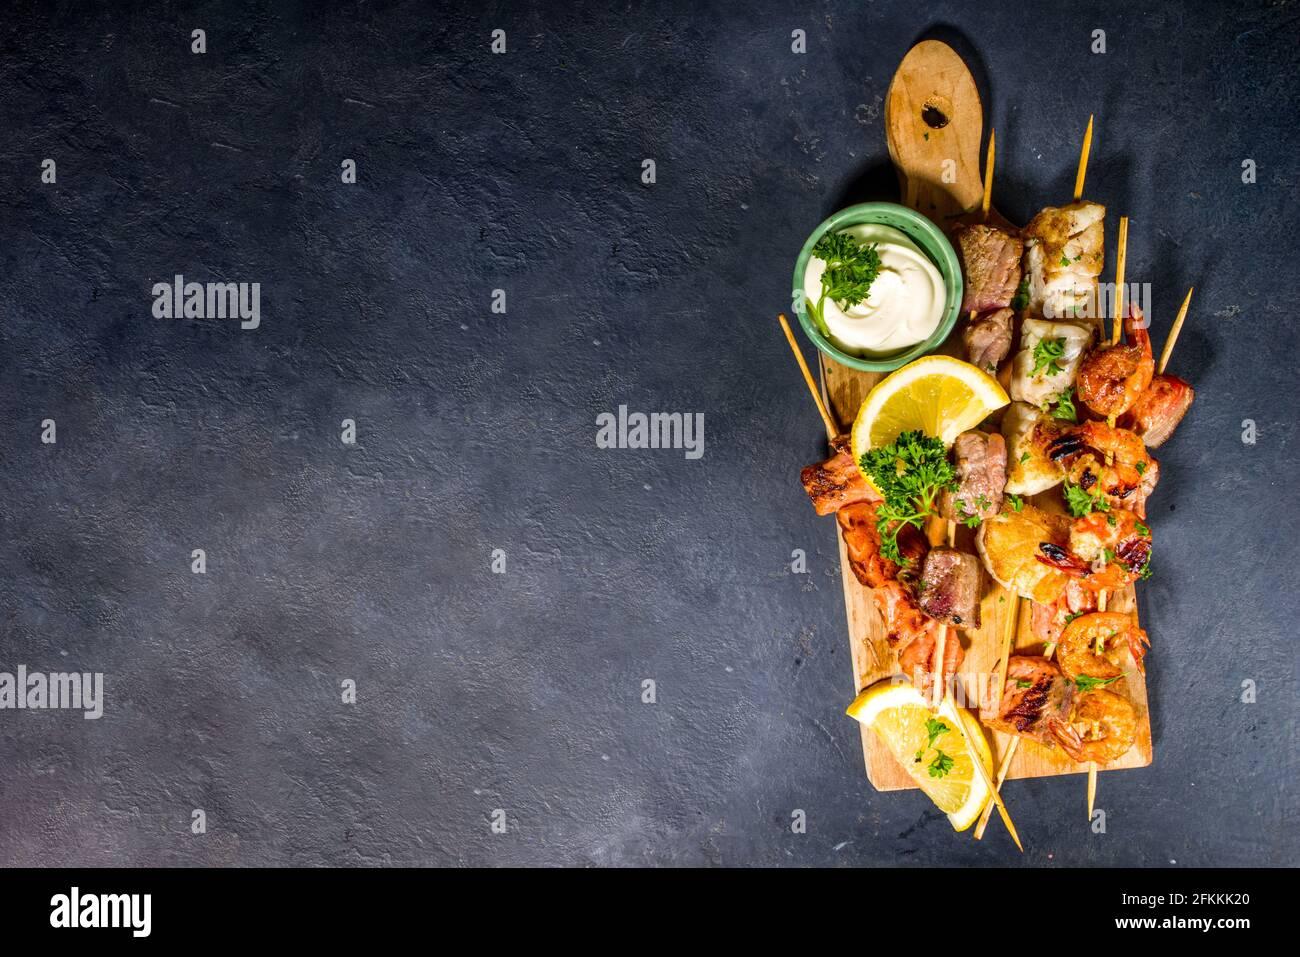 Sortiment verschiedene Grill mediterrane Grillgerichte - Fisch, Garnelen, Krabben, Muscheln, Kebabs mit Saucen, Schwarzer Betonhintergrund, über dem Kopierbereich Stockfoto